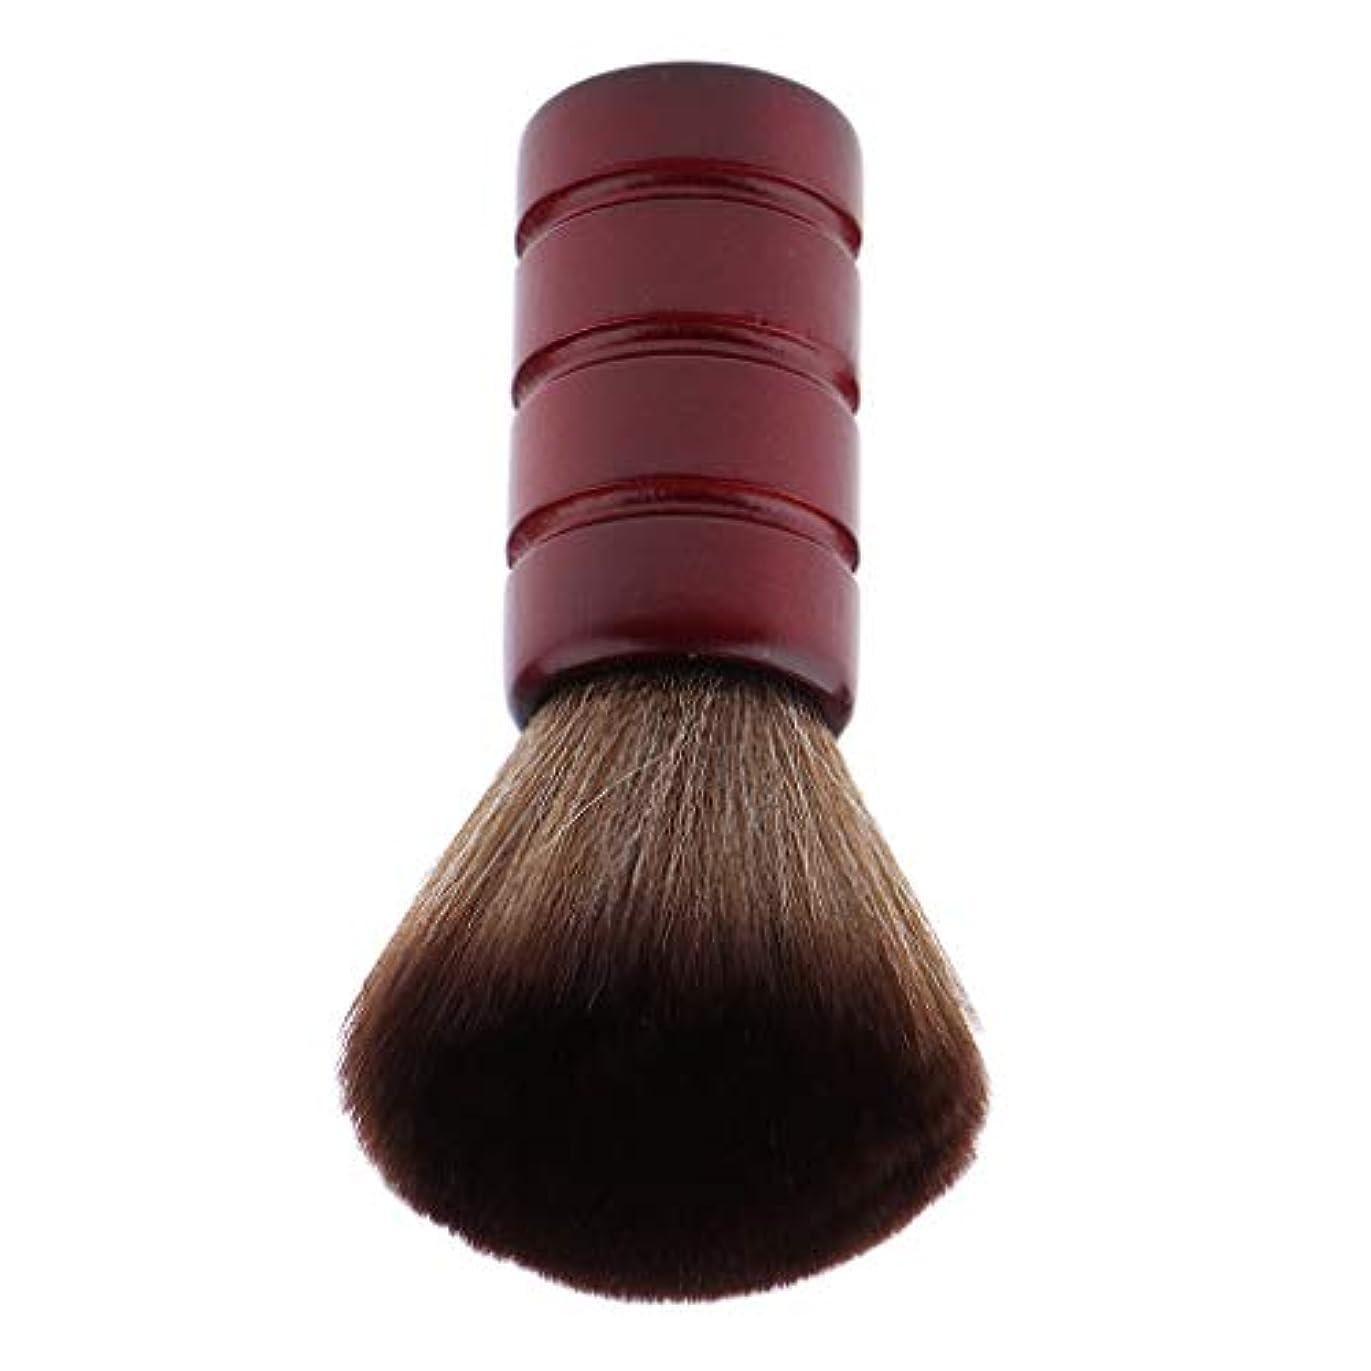 記事どれ本質的にバーバー ネックダスターブラシ 理髪 サロン 顔のダスターブラシ シェービング ヘアカット ブラシ